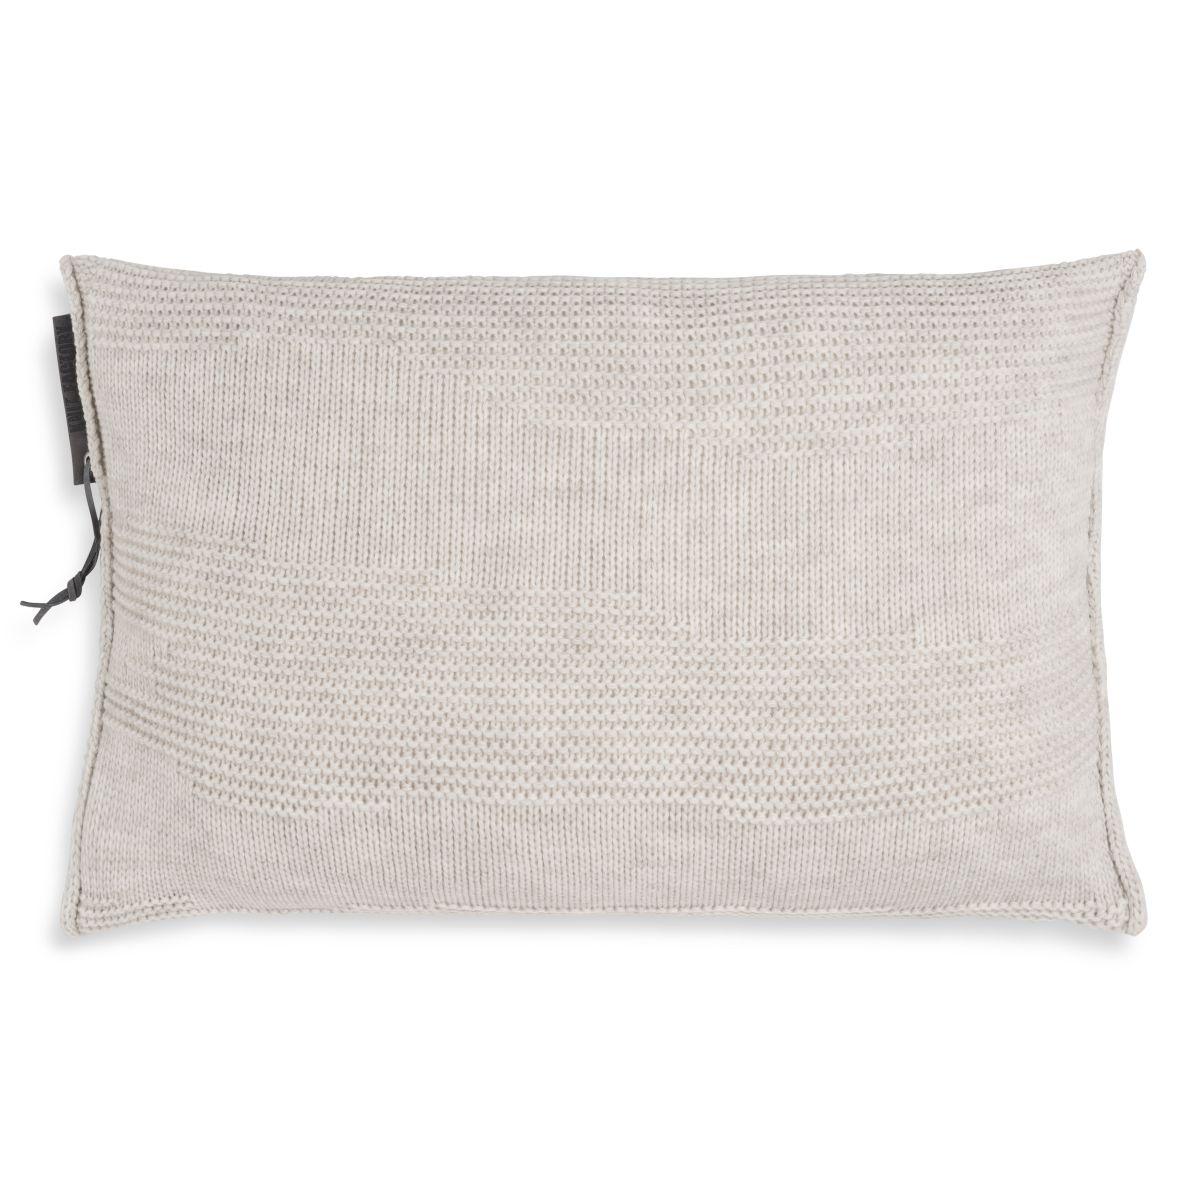 knit factory 1431312 joly kussen 60x40 beige 1